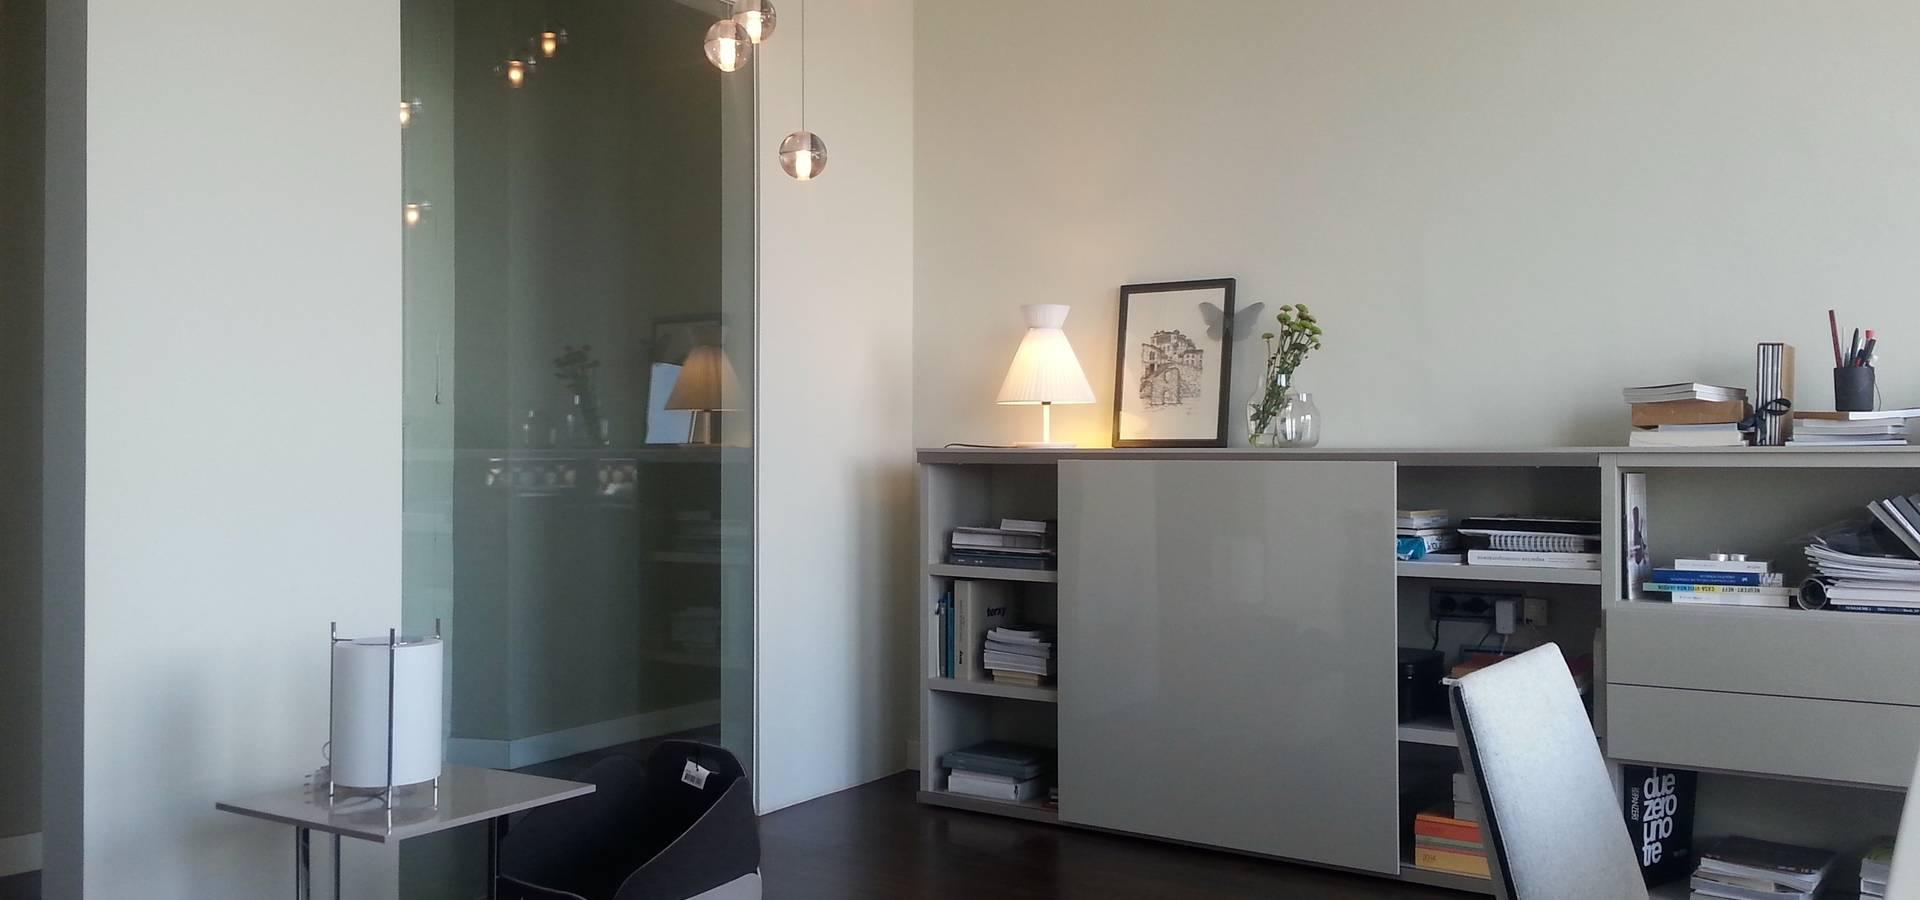 Contempor nea decoradores y dise adores de interiores en - Disenadores de interiores espanoles ...